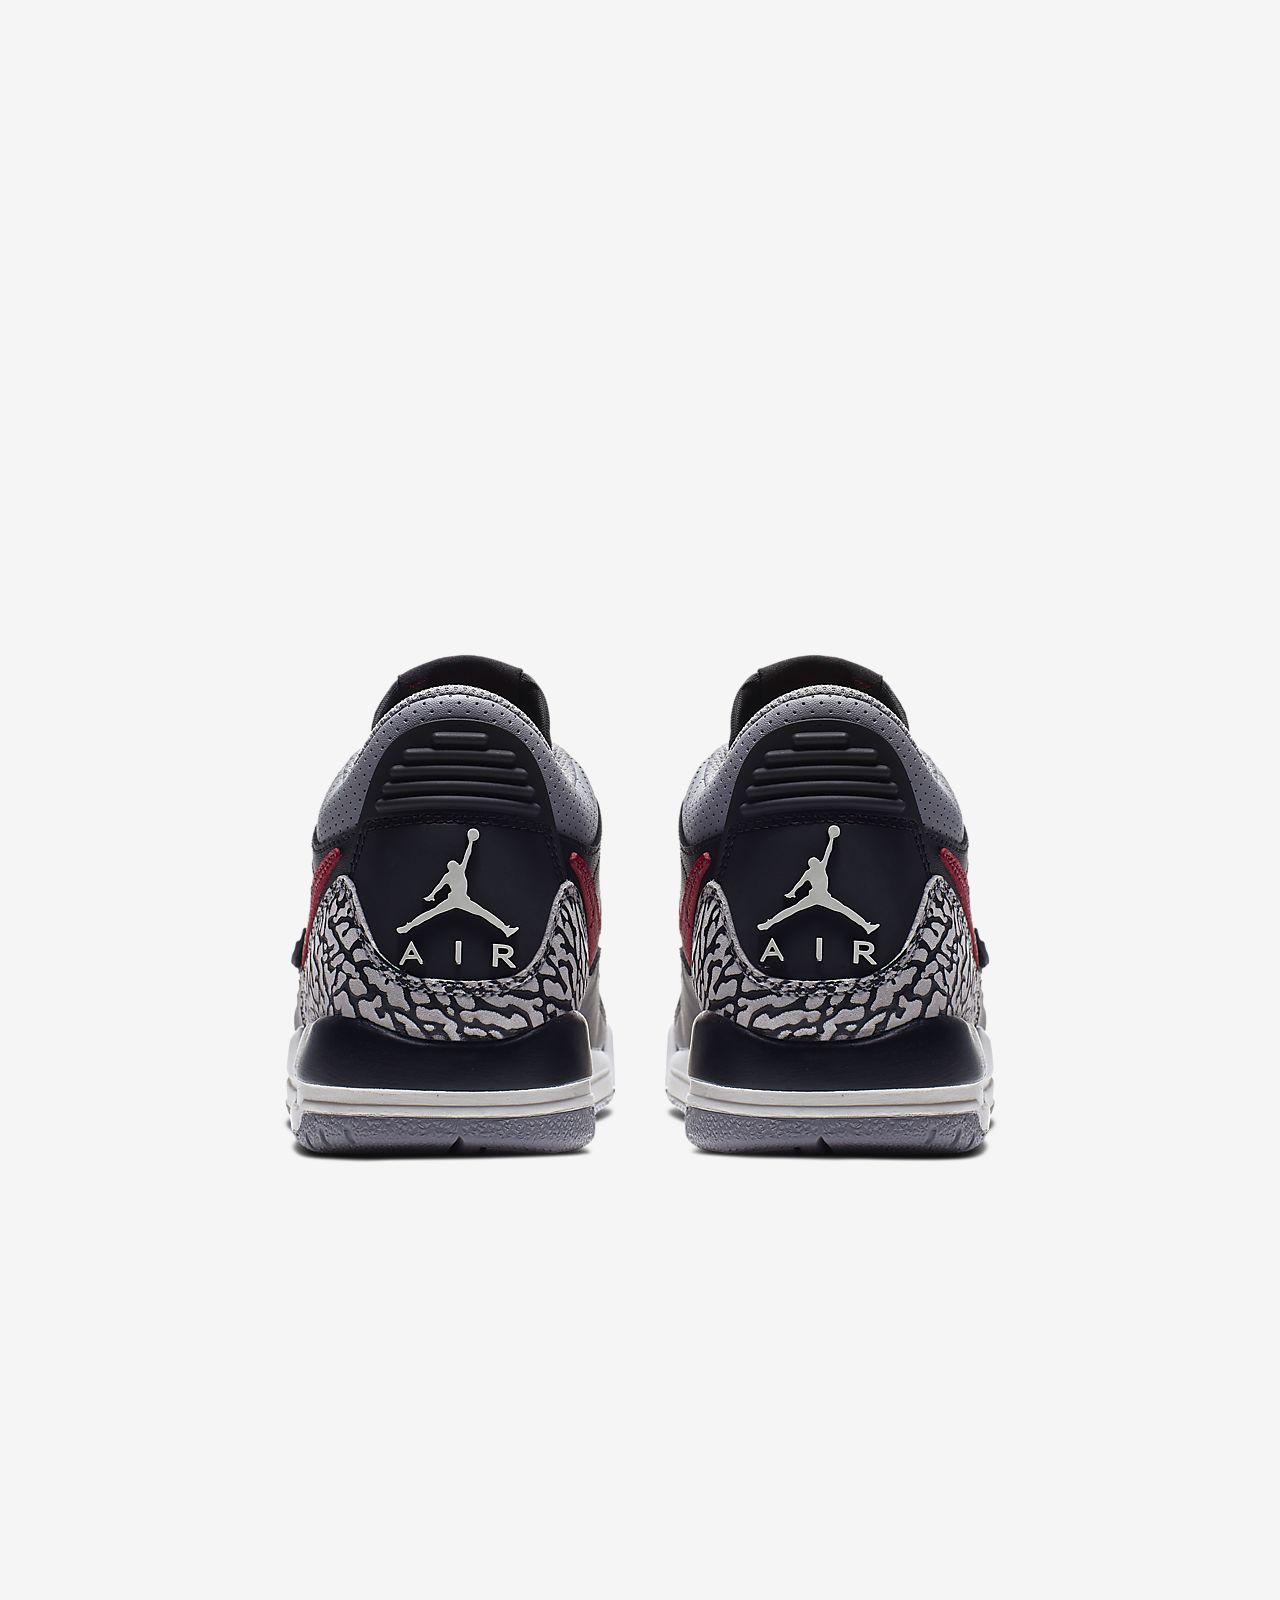 new style 11cab f86d7 ... Chaussure Air Jordan Legacy 312 Low pour Enfant plus âgé